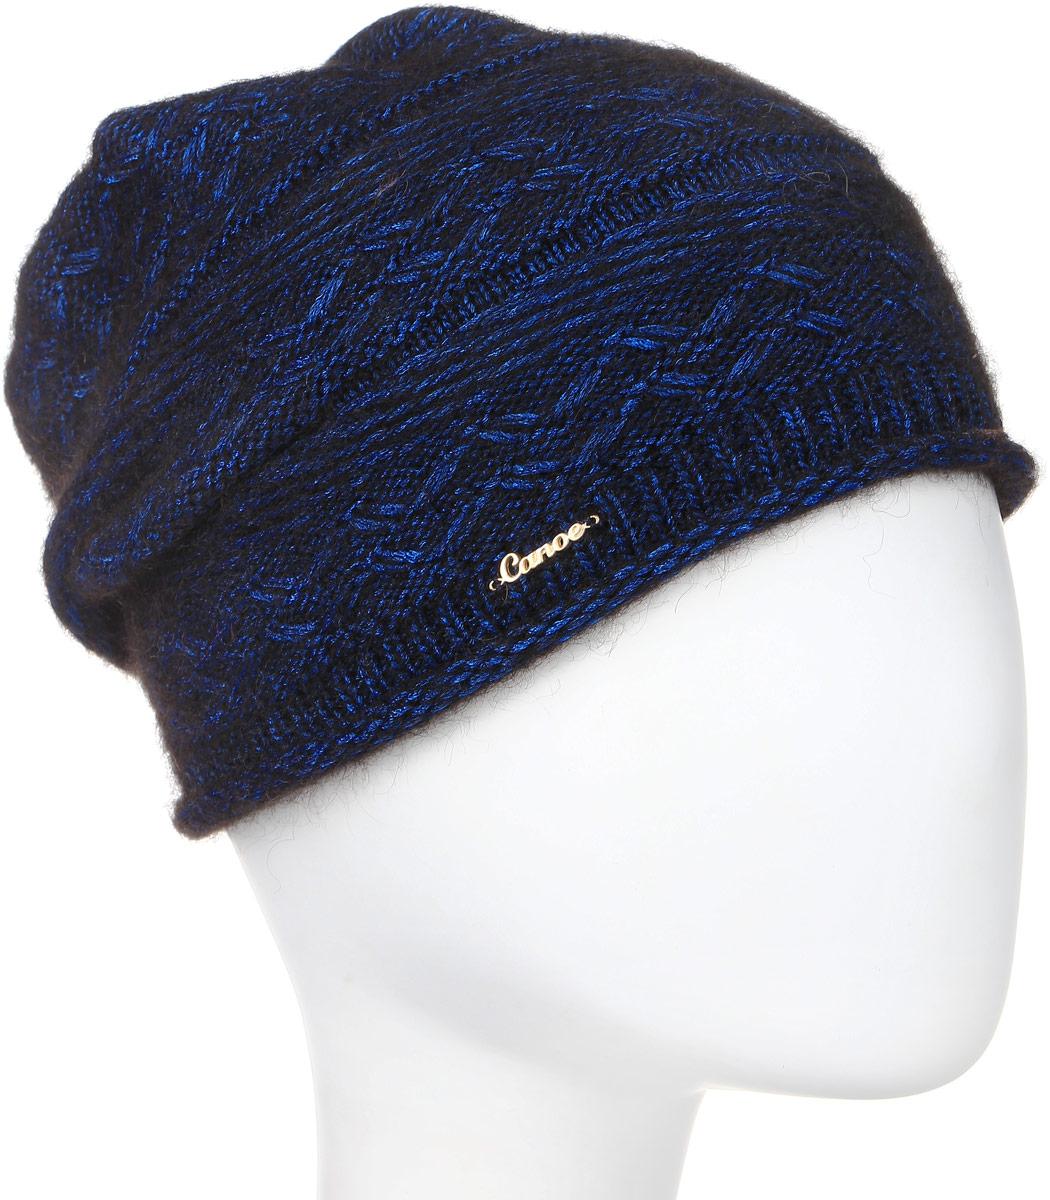 Шапка3445460Удлиненная женская шапка Canoe Amanda с ажурным рисунком отлично дополнит ваш образ в холодную погоду. Сочетание суперкид мохера, вискозы и полиамида максимально сохраняет тепло и обеспечивает удобную посадку, невероятную легкость и мягкость. Визуально пряжа имеет красивое , двухцветное переплетение, создающее ощущение глубины и объема внутри изделия. Шапка украшена небольшим декоративным элементом с изображением надписи Canoe. Привлекательная стильная шапка Canoe Amanda подчеркнет ваш неповторимый стиль и индивидуальность.